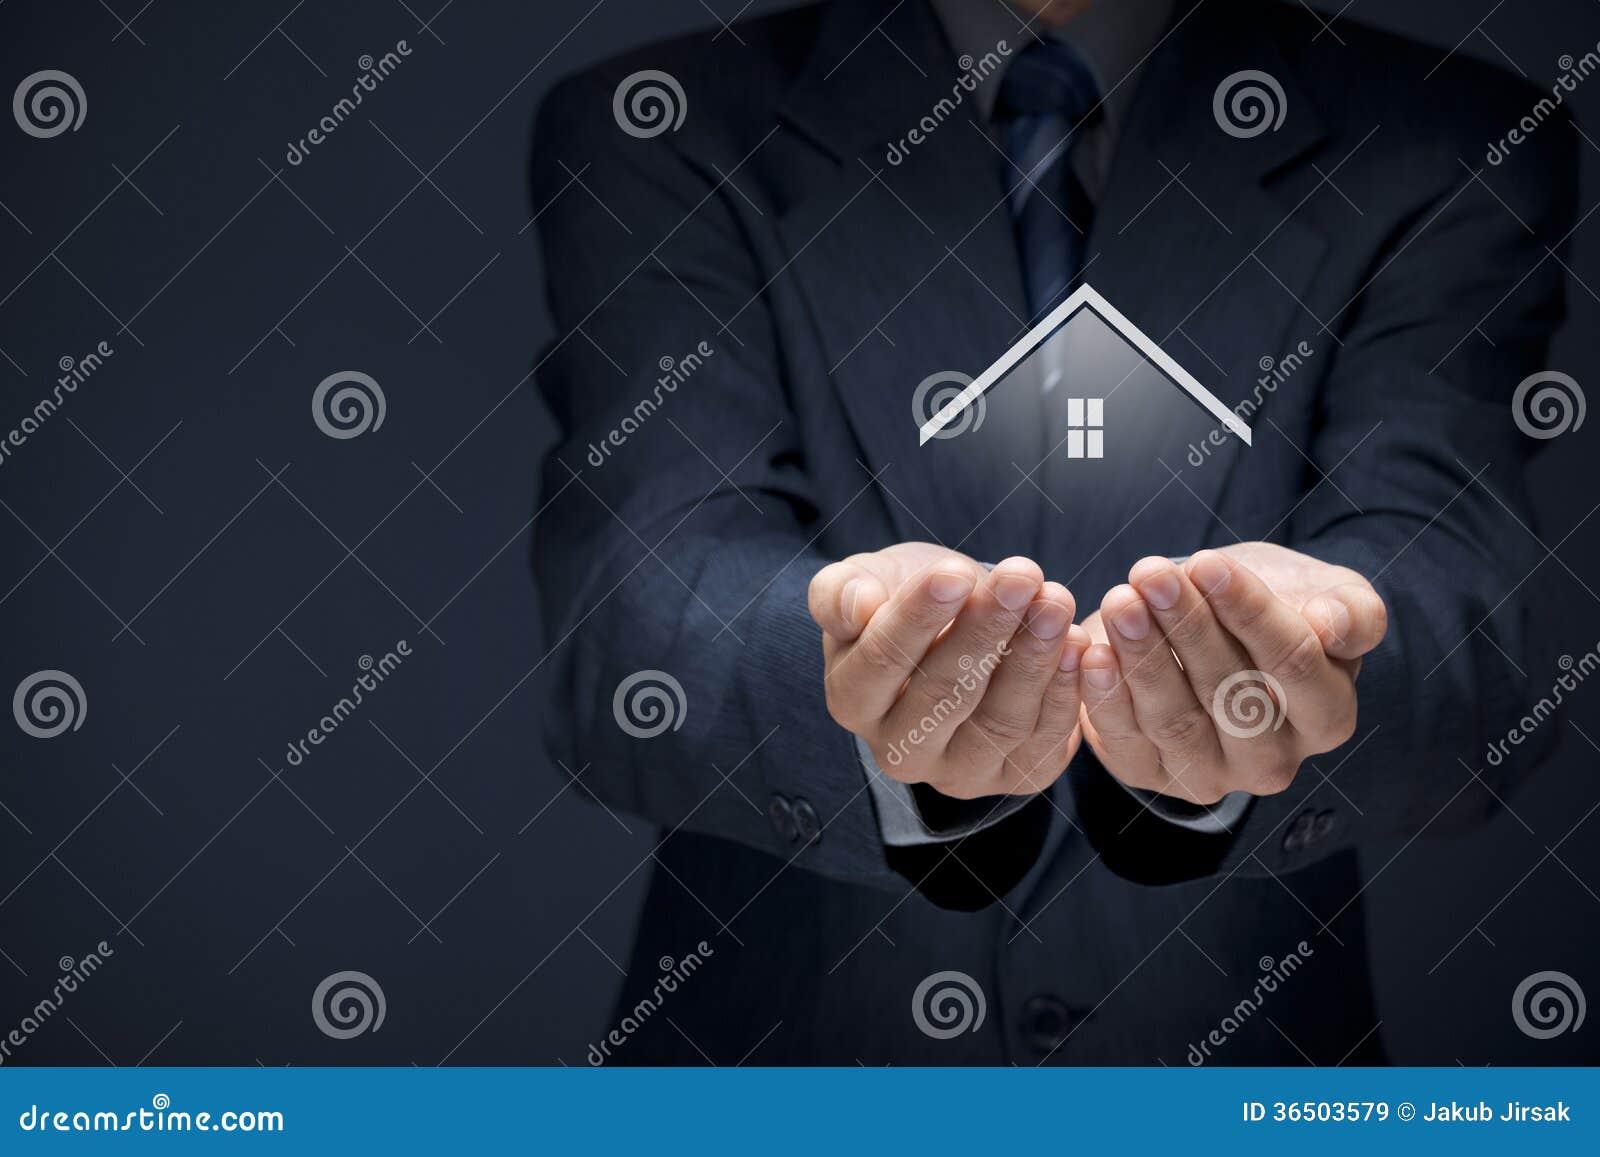 房地产开发商